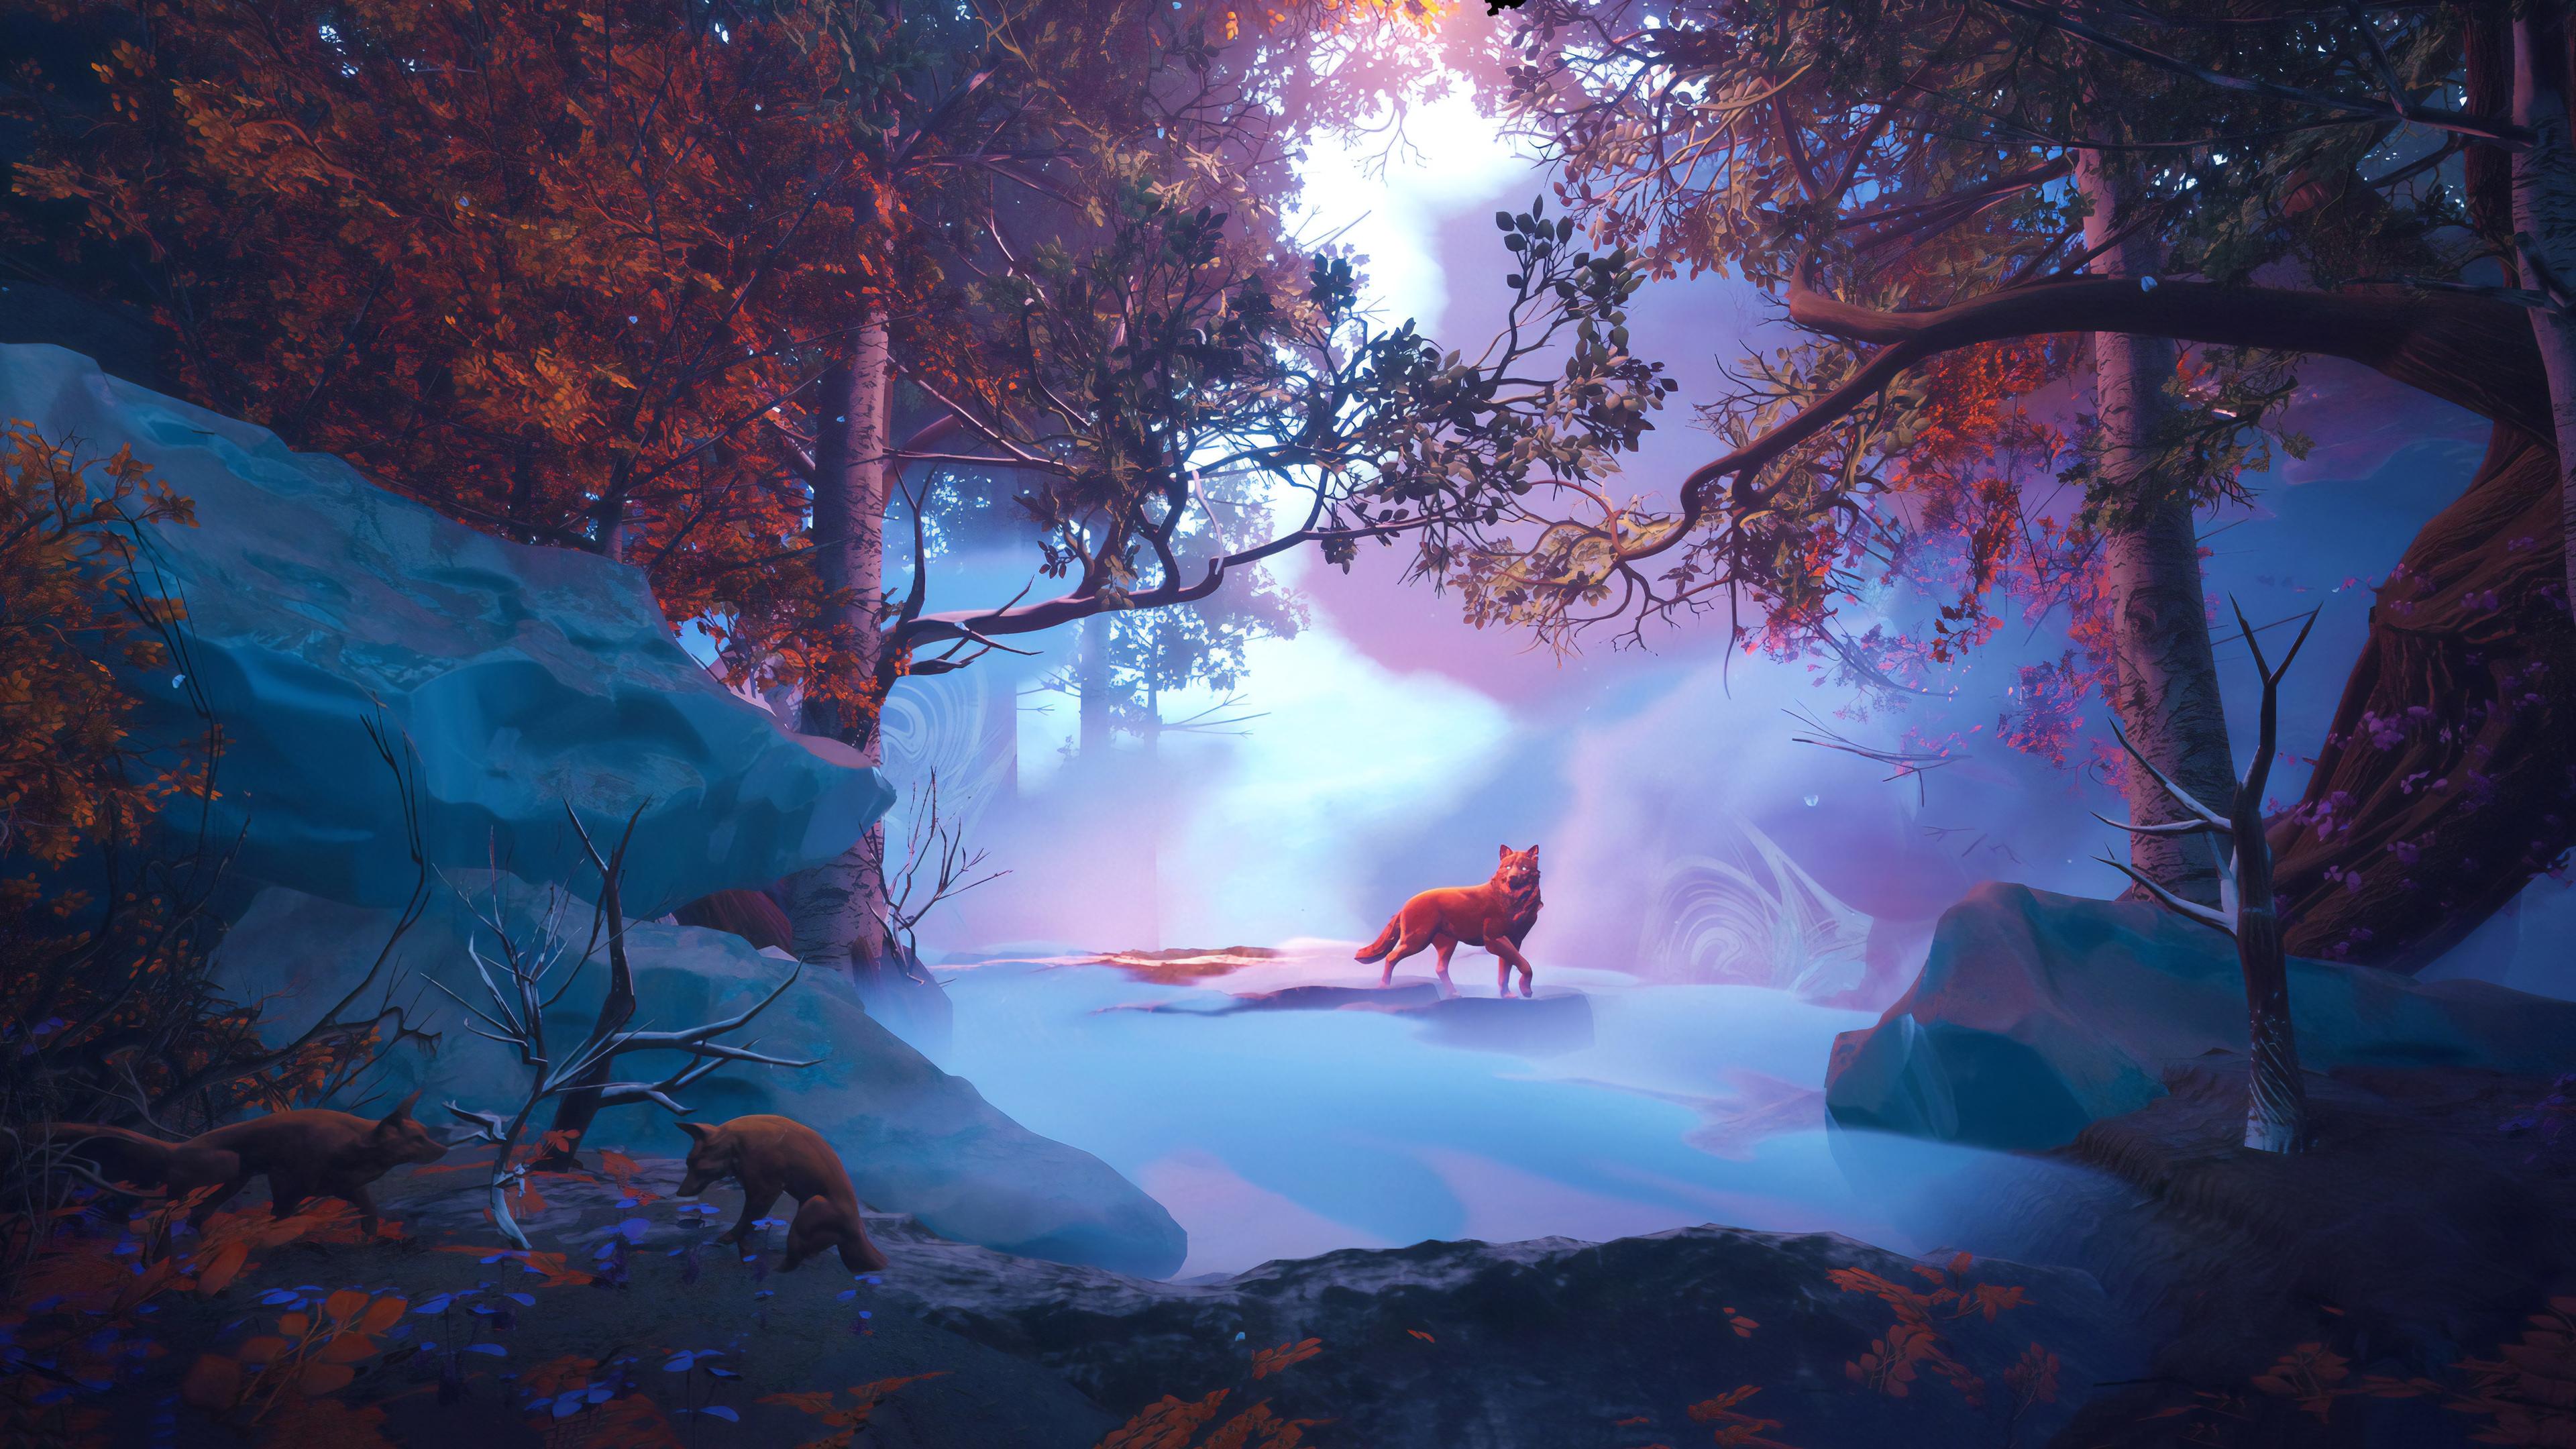 Forest Wallpaper 4k Wolf Nature Wallpaper